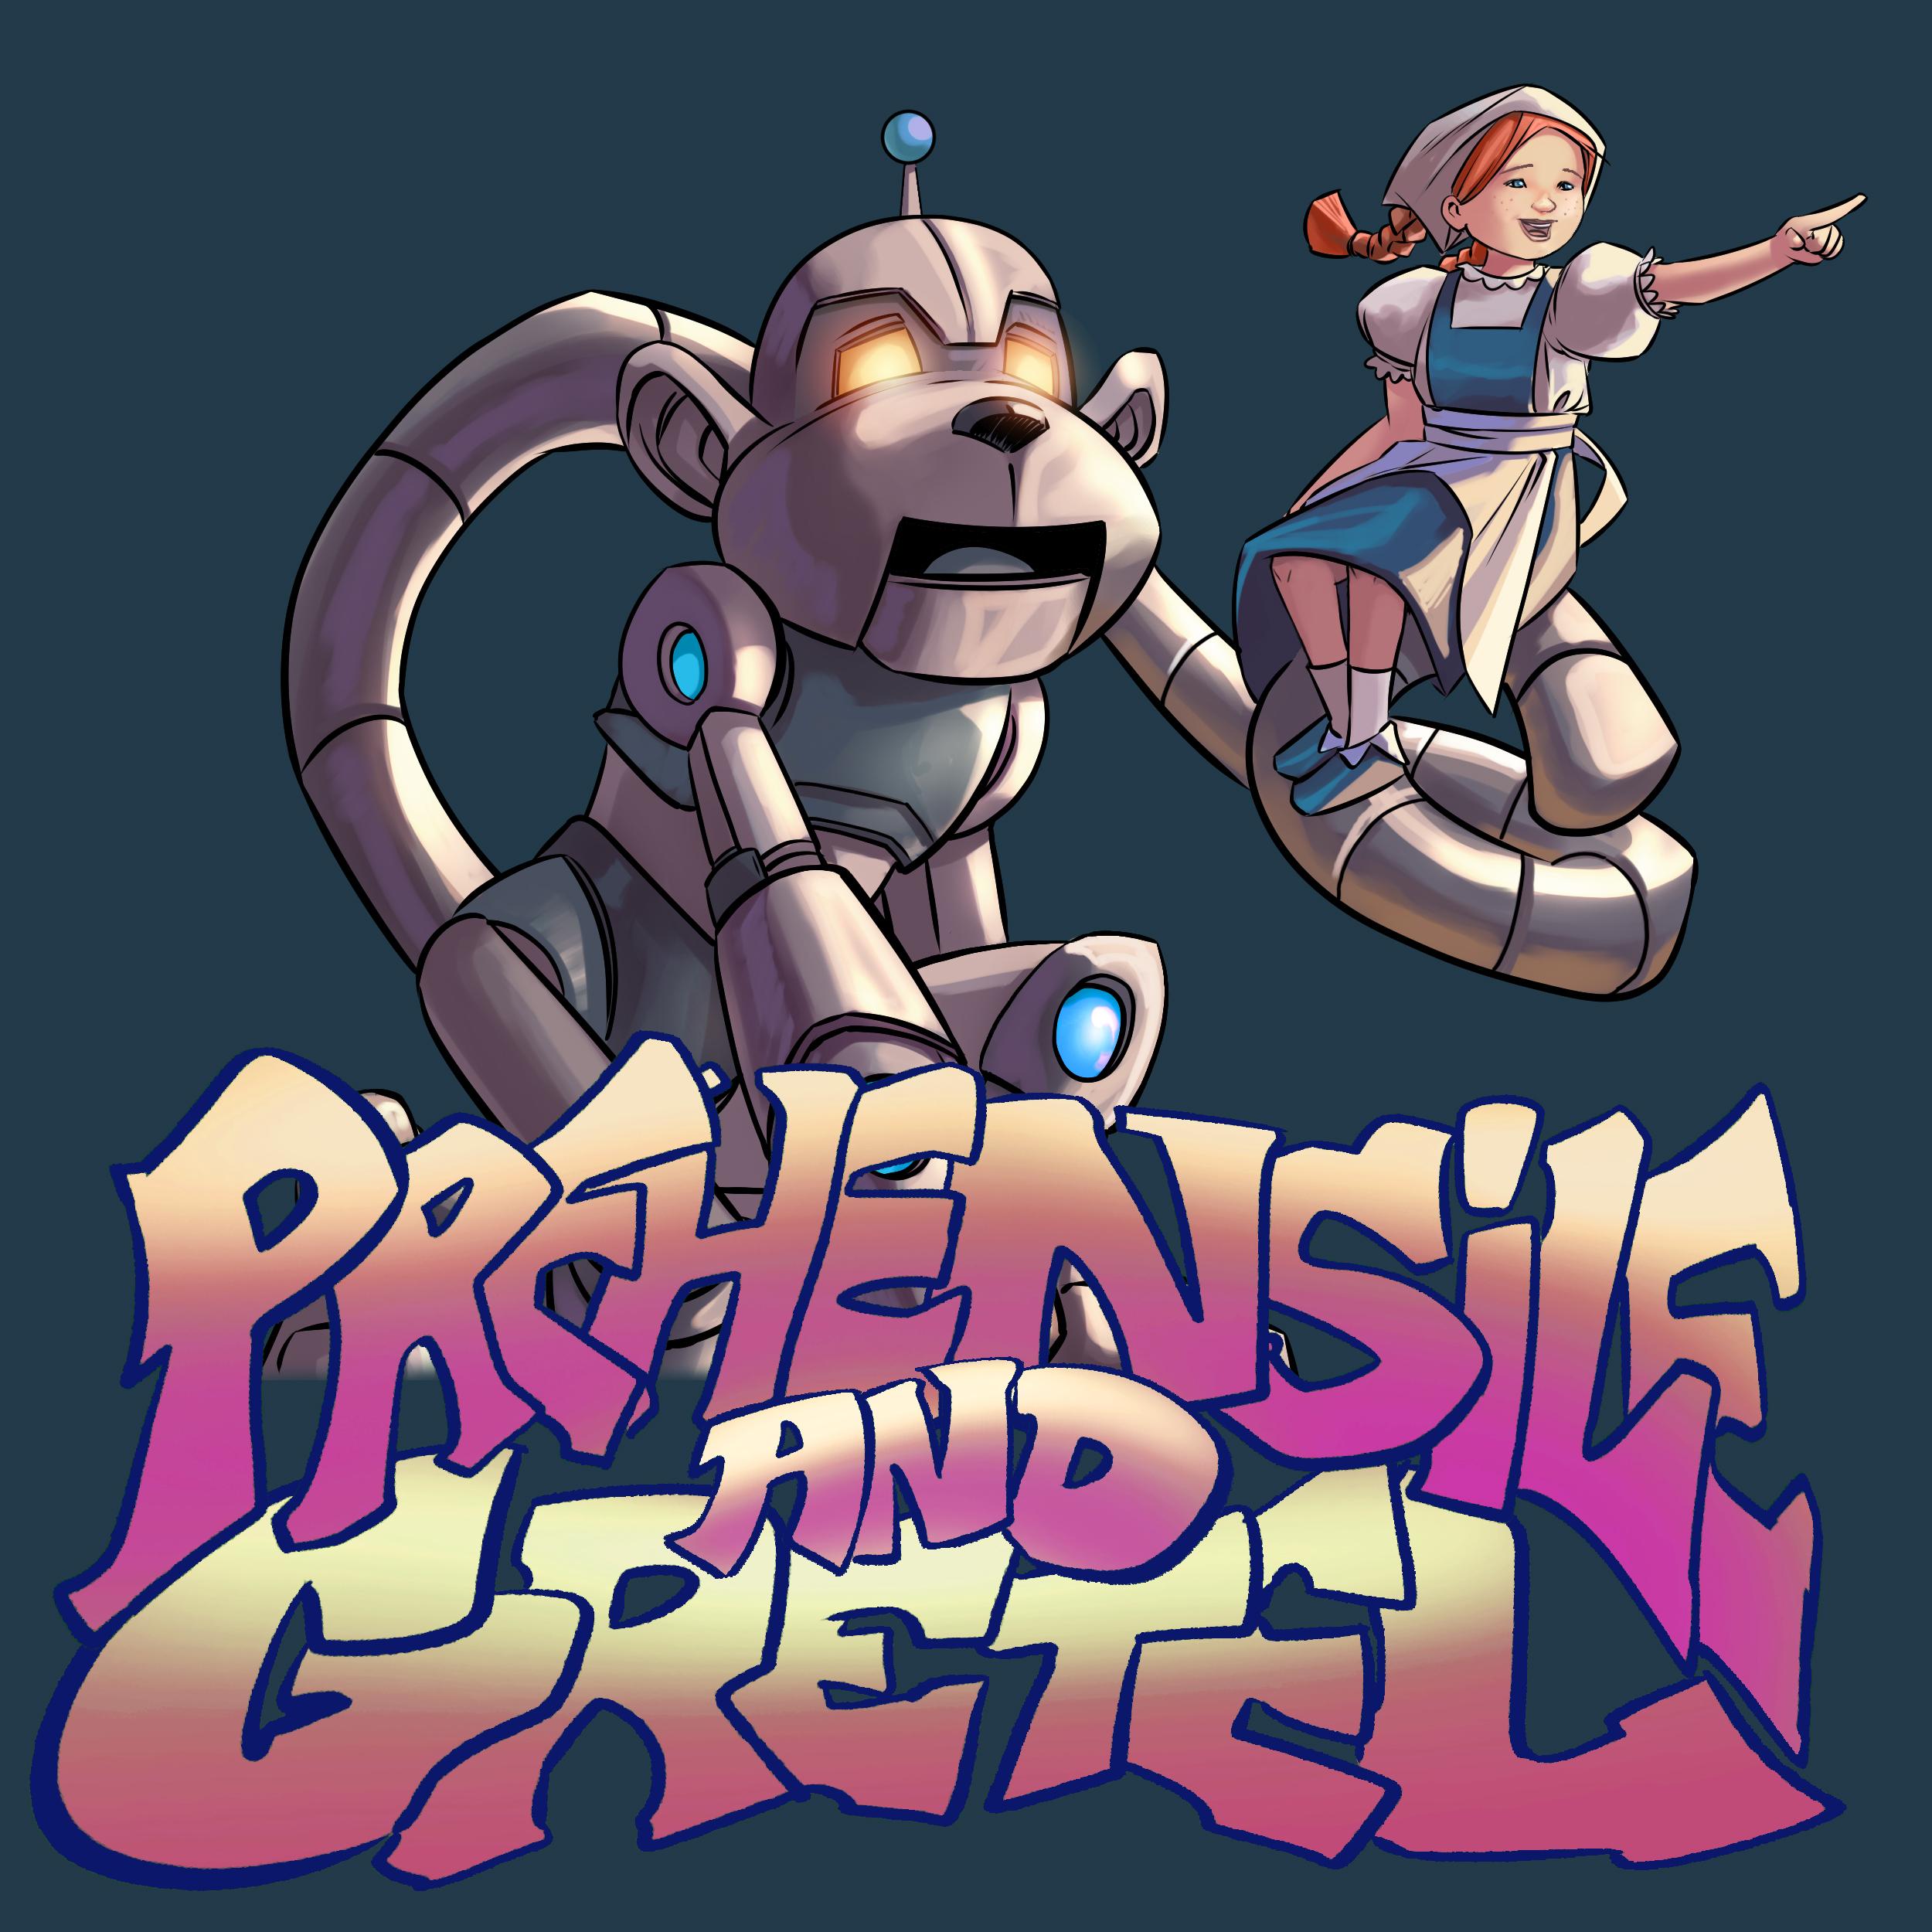 Prehensile and Gretel